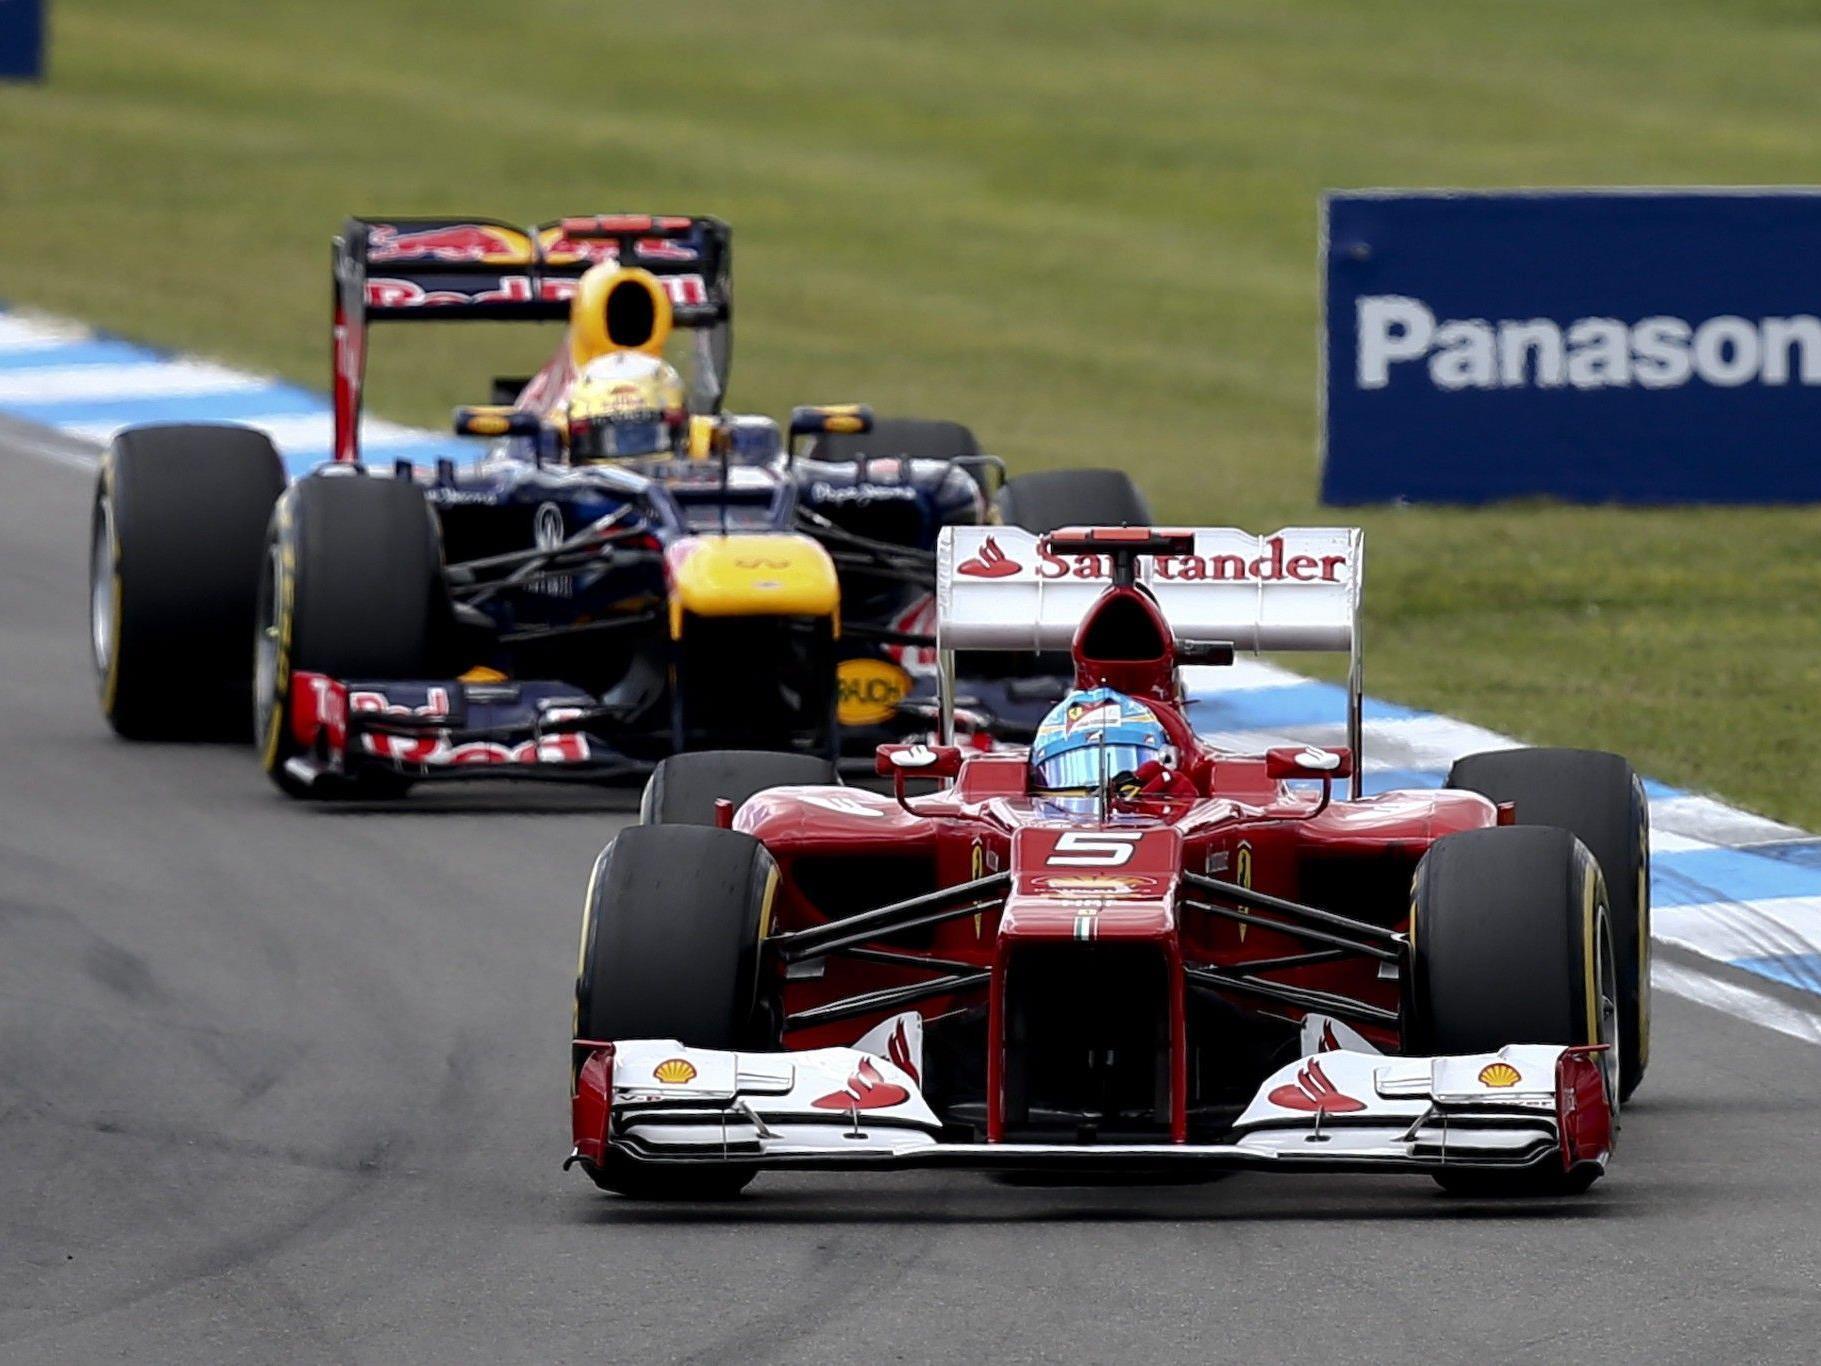 Showdown in Interlagos. Man darf gespannt sein ob sich Vettel und Alonso auf der Strecke begegnen.